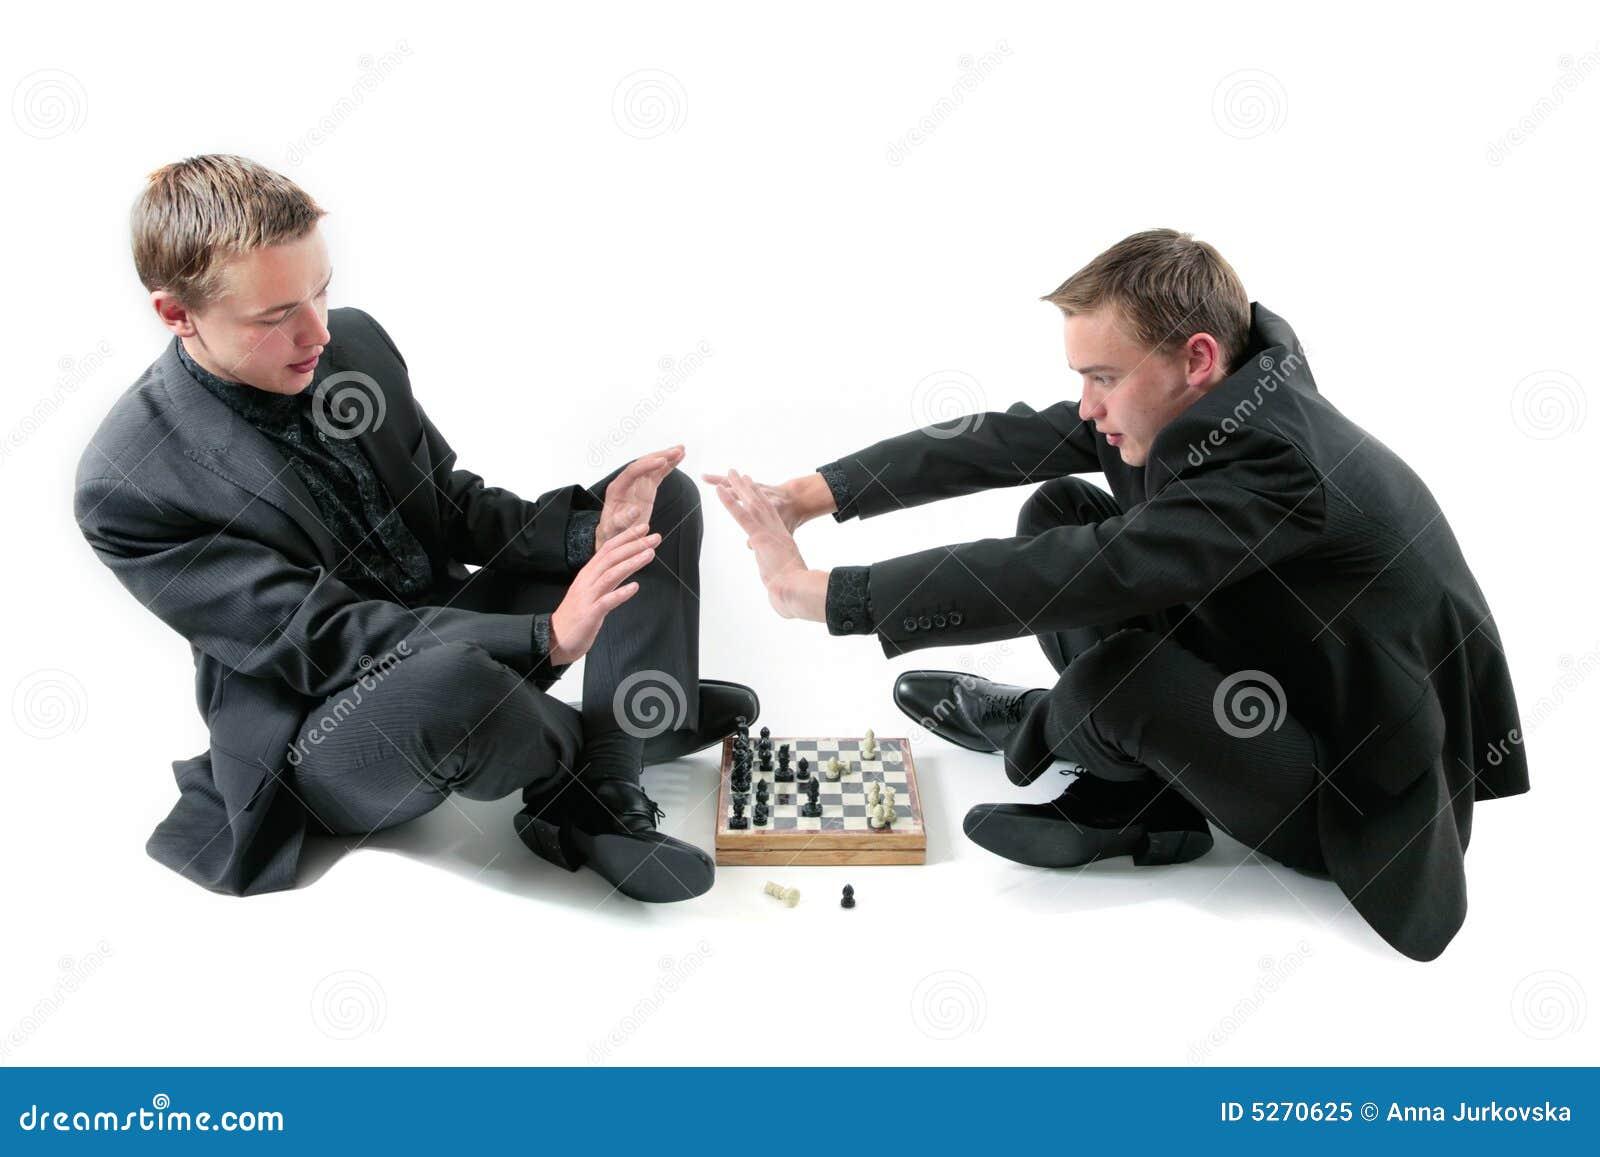 De tweelingen spelen een schaak